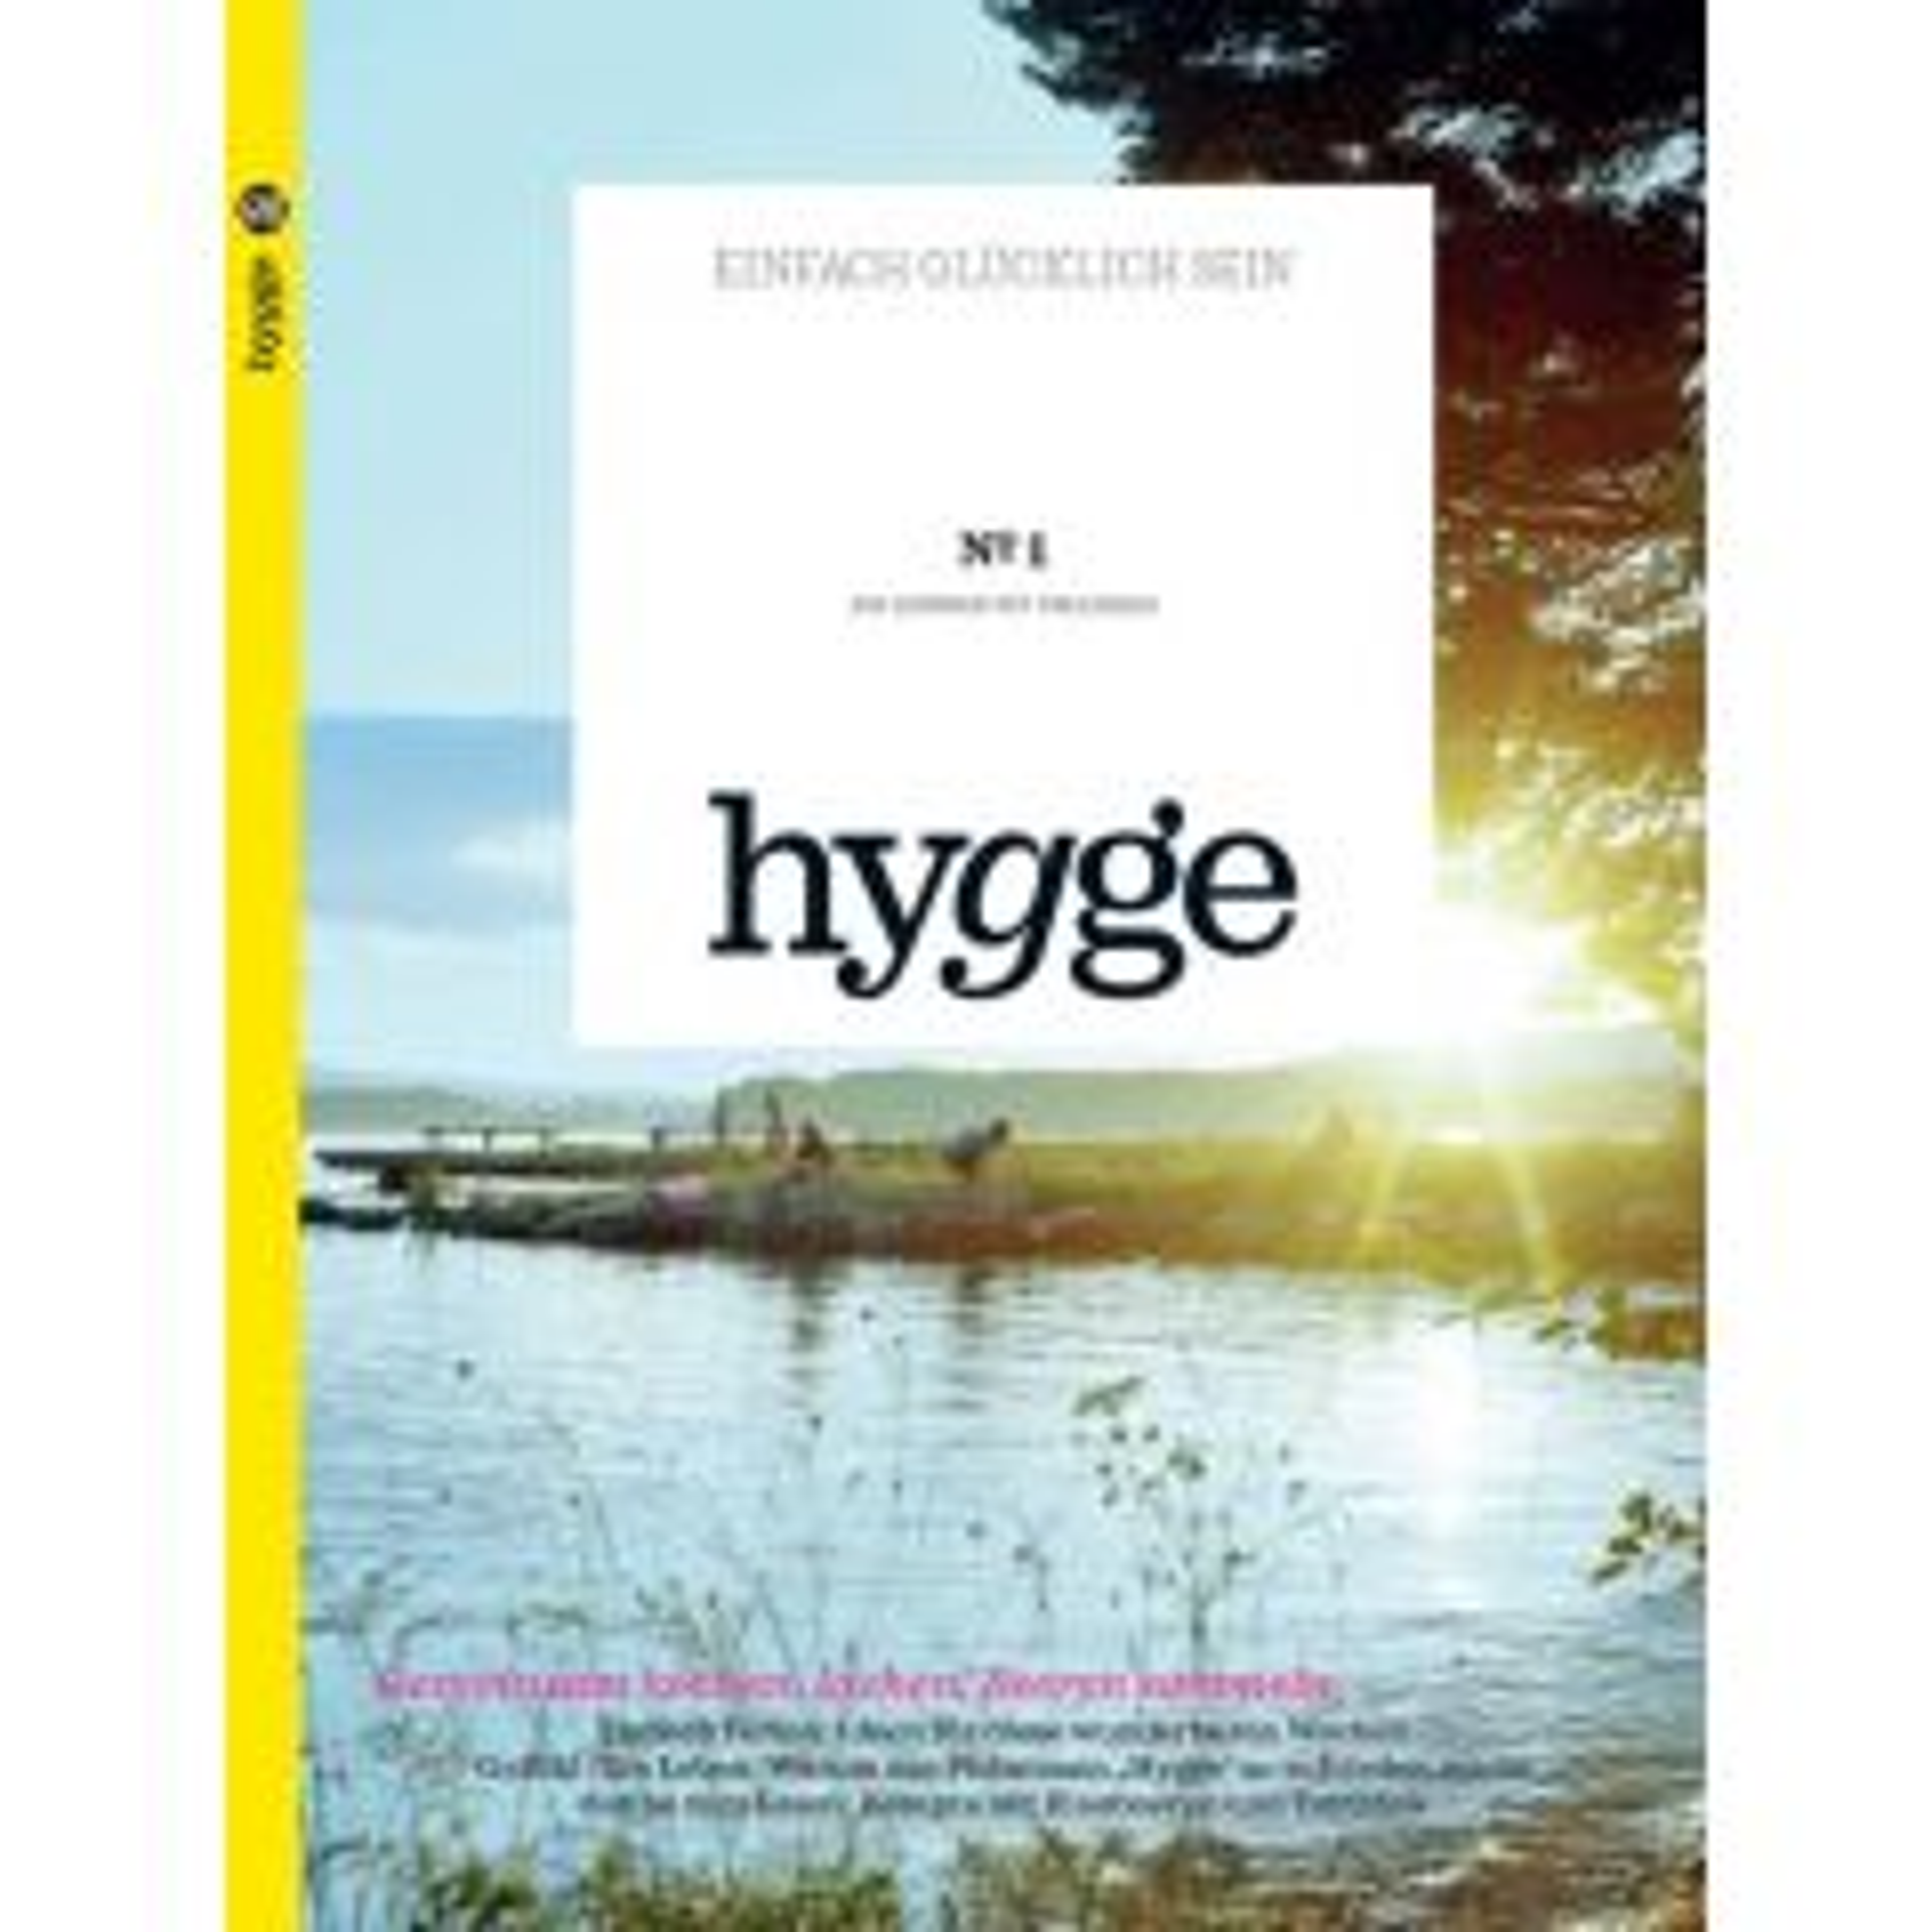 hygge1 (1/2017)